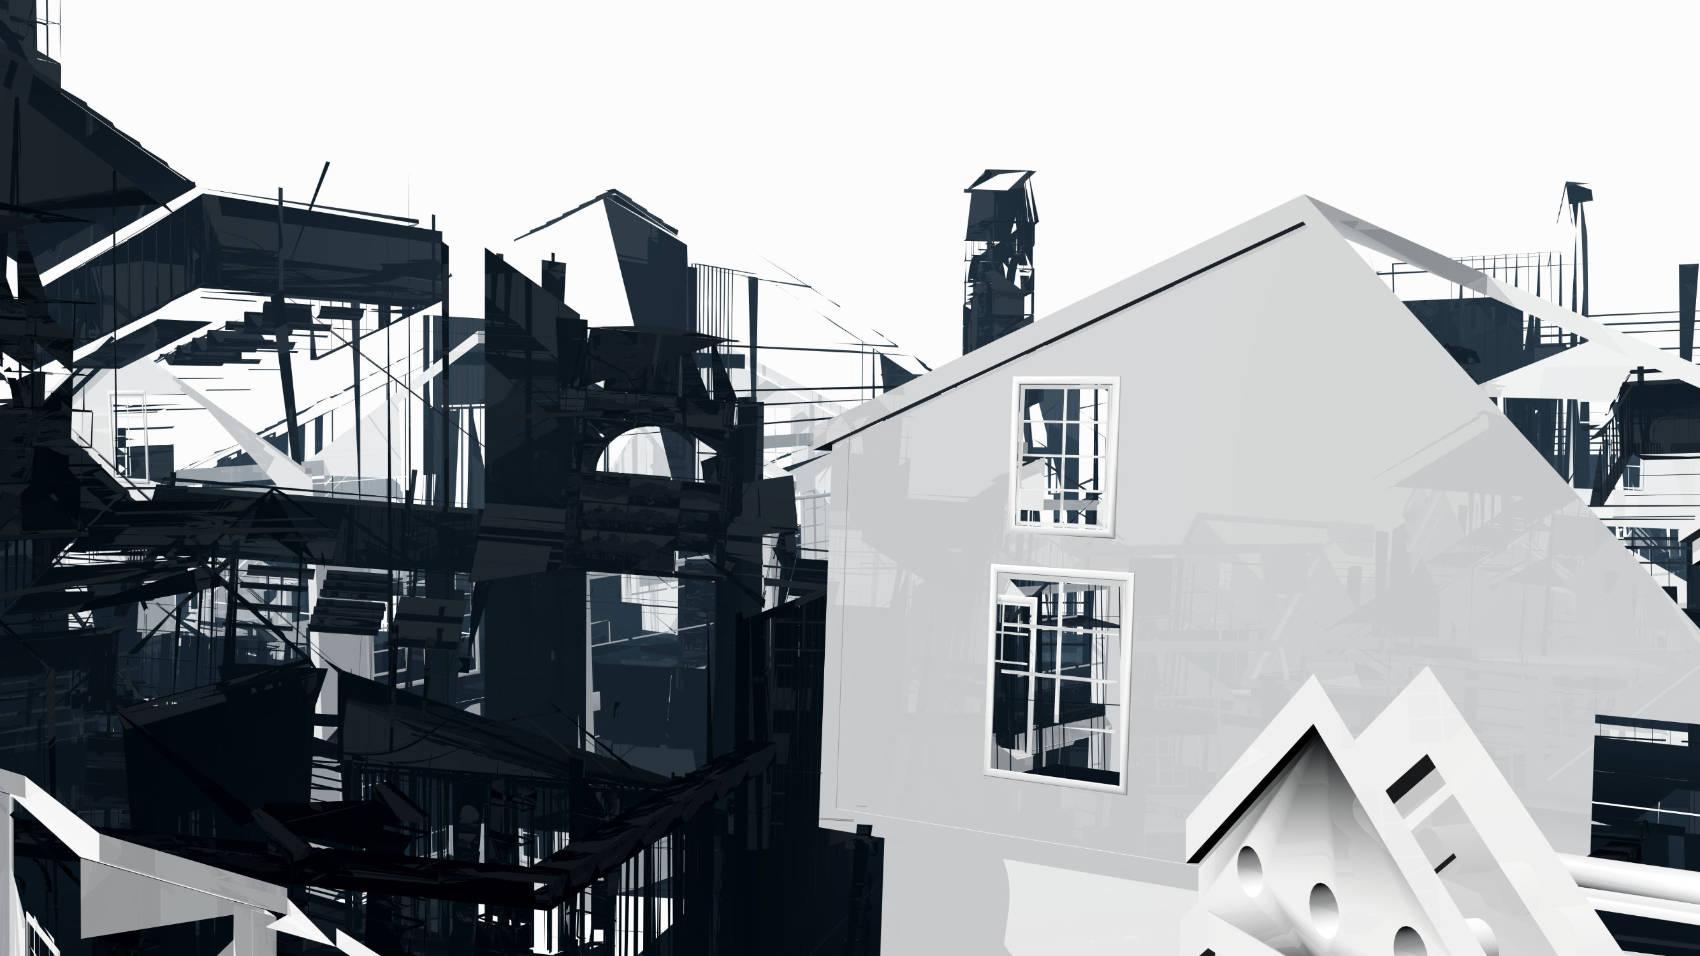 Broken Architecture 11, 2018, Jet d'encre, 69 x 120 cm